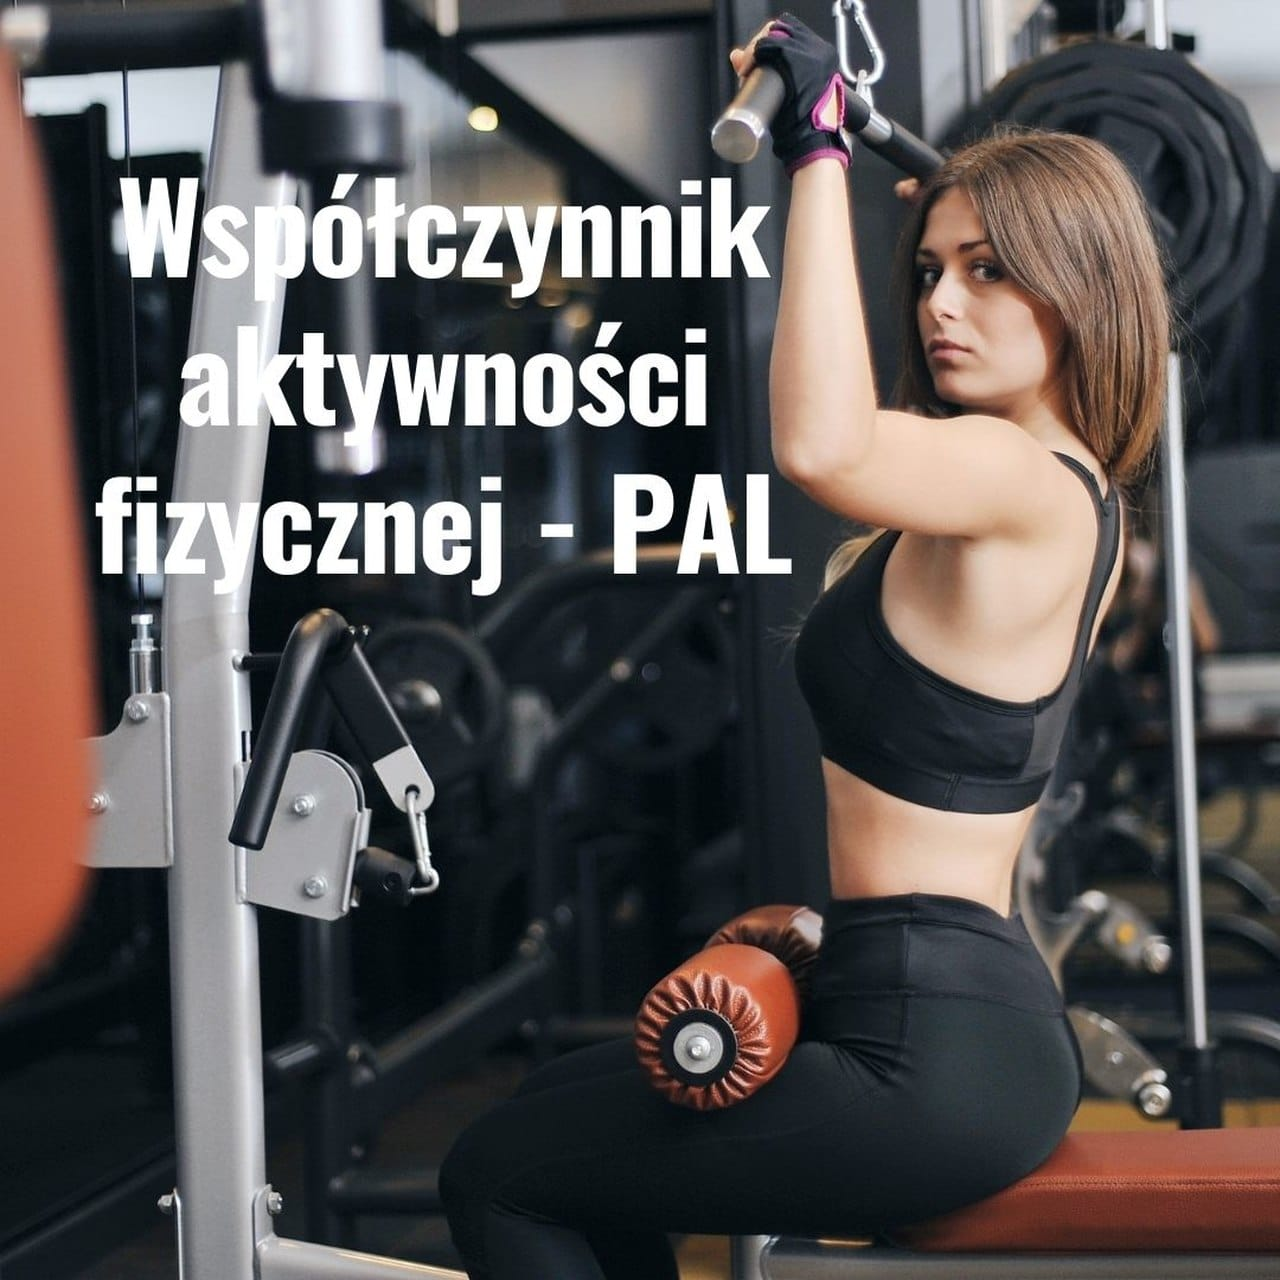 Współczynnik aktywności fizycznej